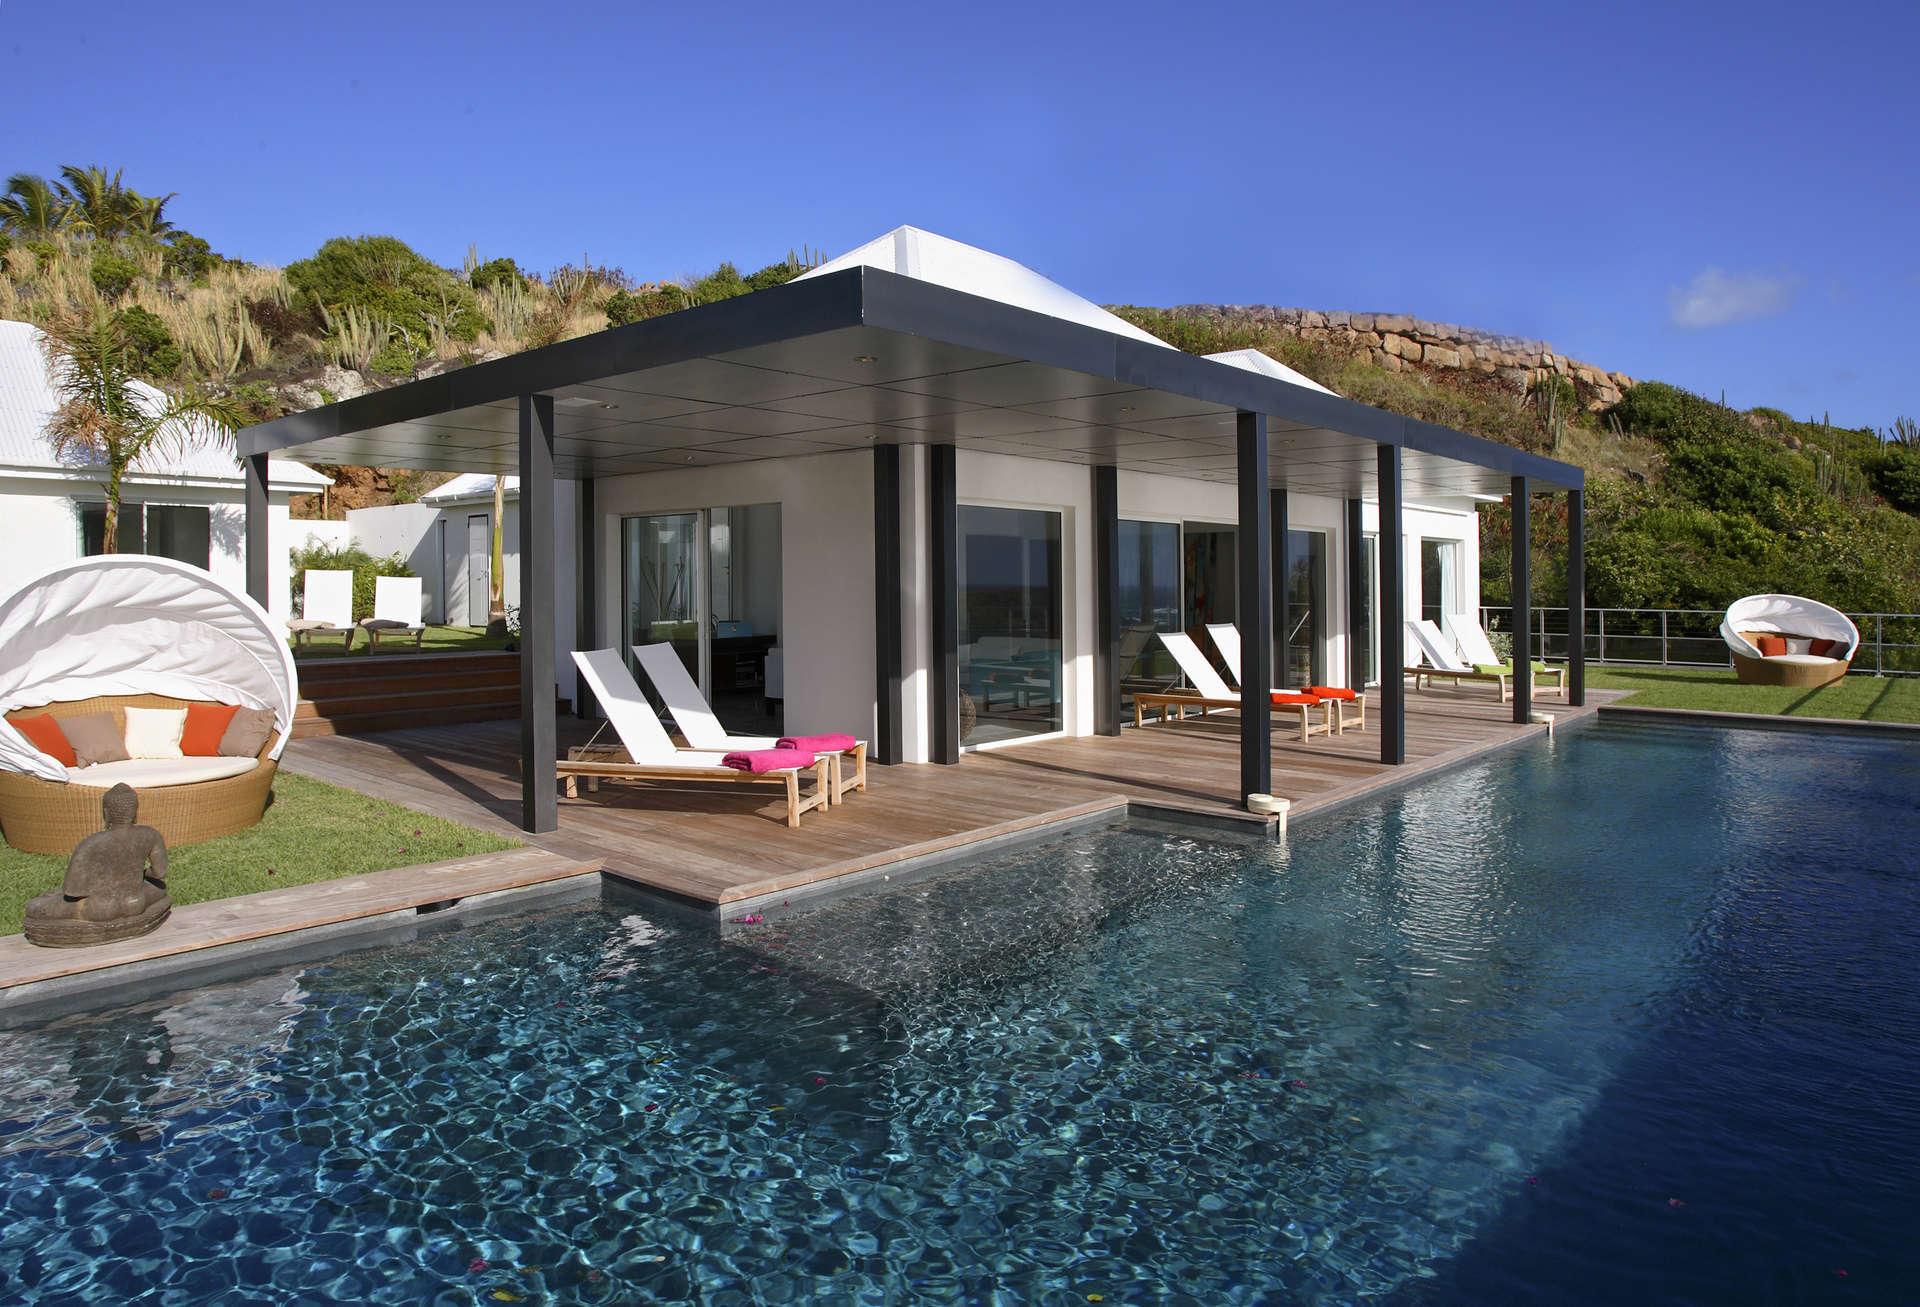 Luxury villa rentals caribbean - St barthelemy - Mont jean - No location 4 - Villa Om - Image 1/24